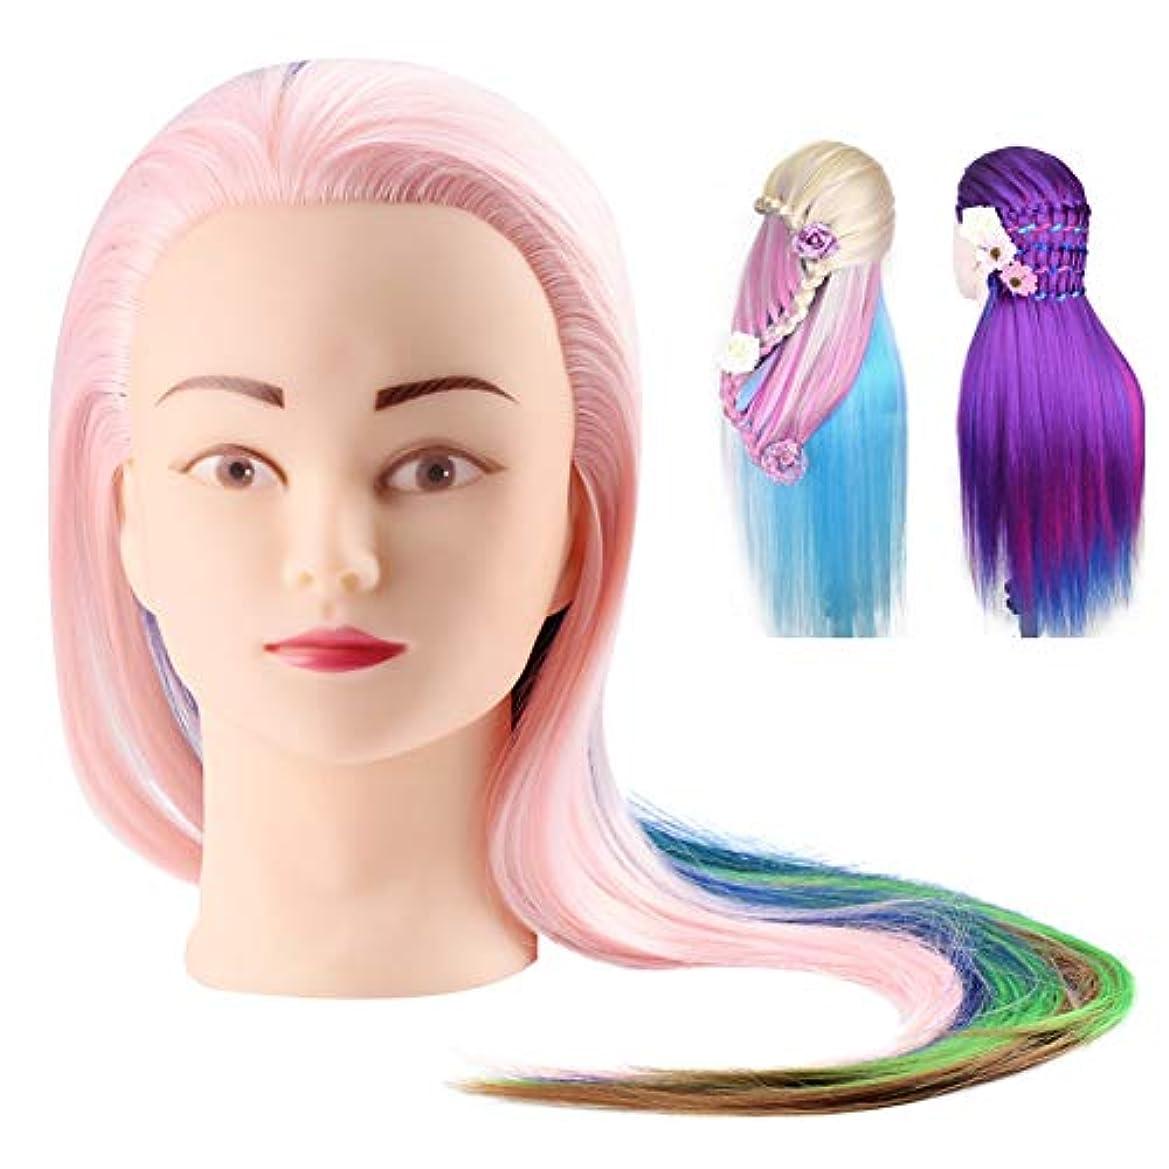 悪化する資格情報ビームプロの理髪ヘッド、化粧品実用的なマネキン人形人工毛、人工毛理髪トレーニングヘッドエクササイズマネキン